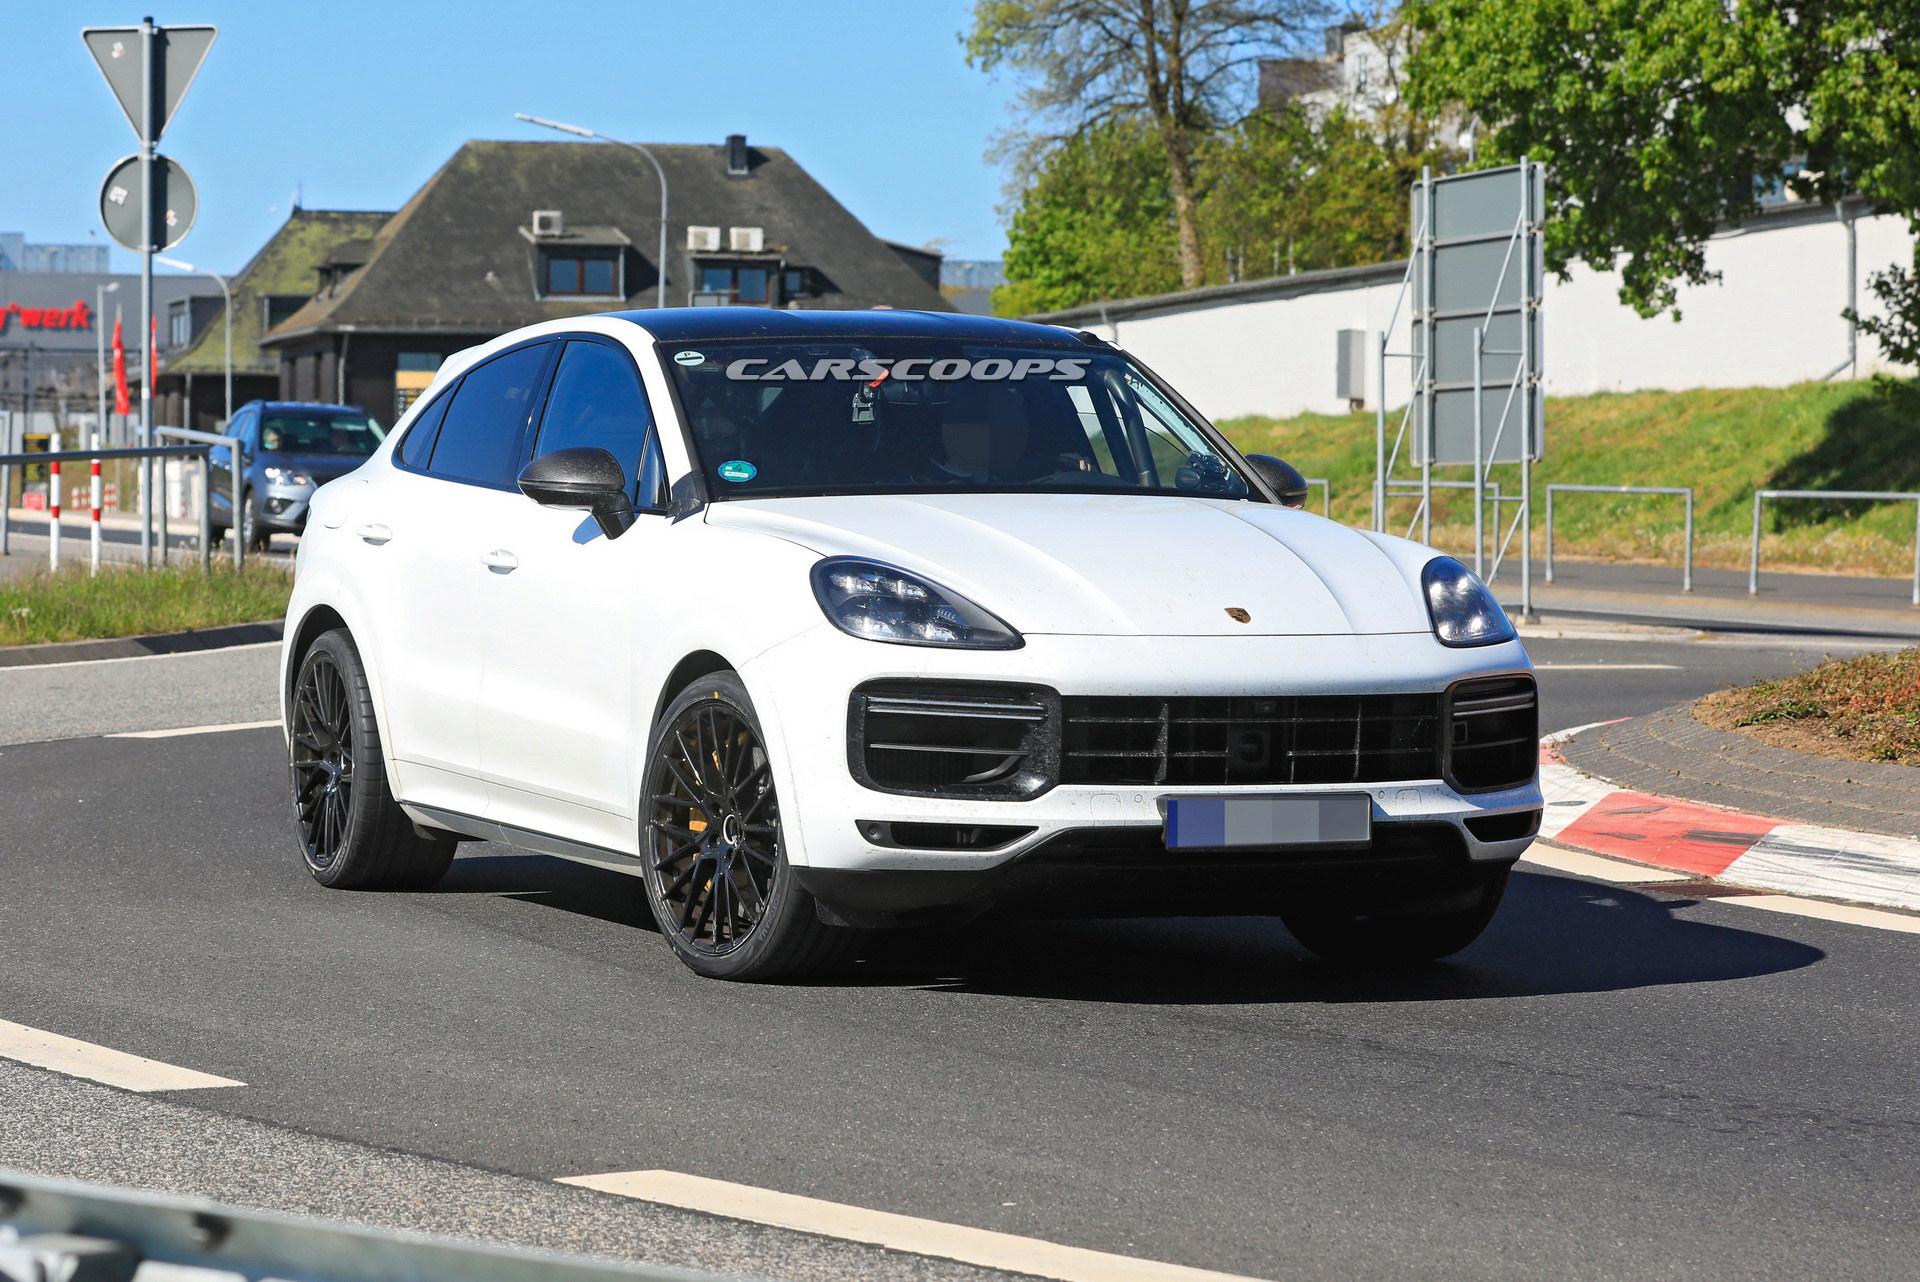 2019 [Porsche] Cayenne coupé - Page 6 2021-p16